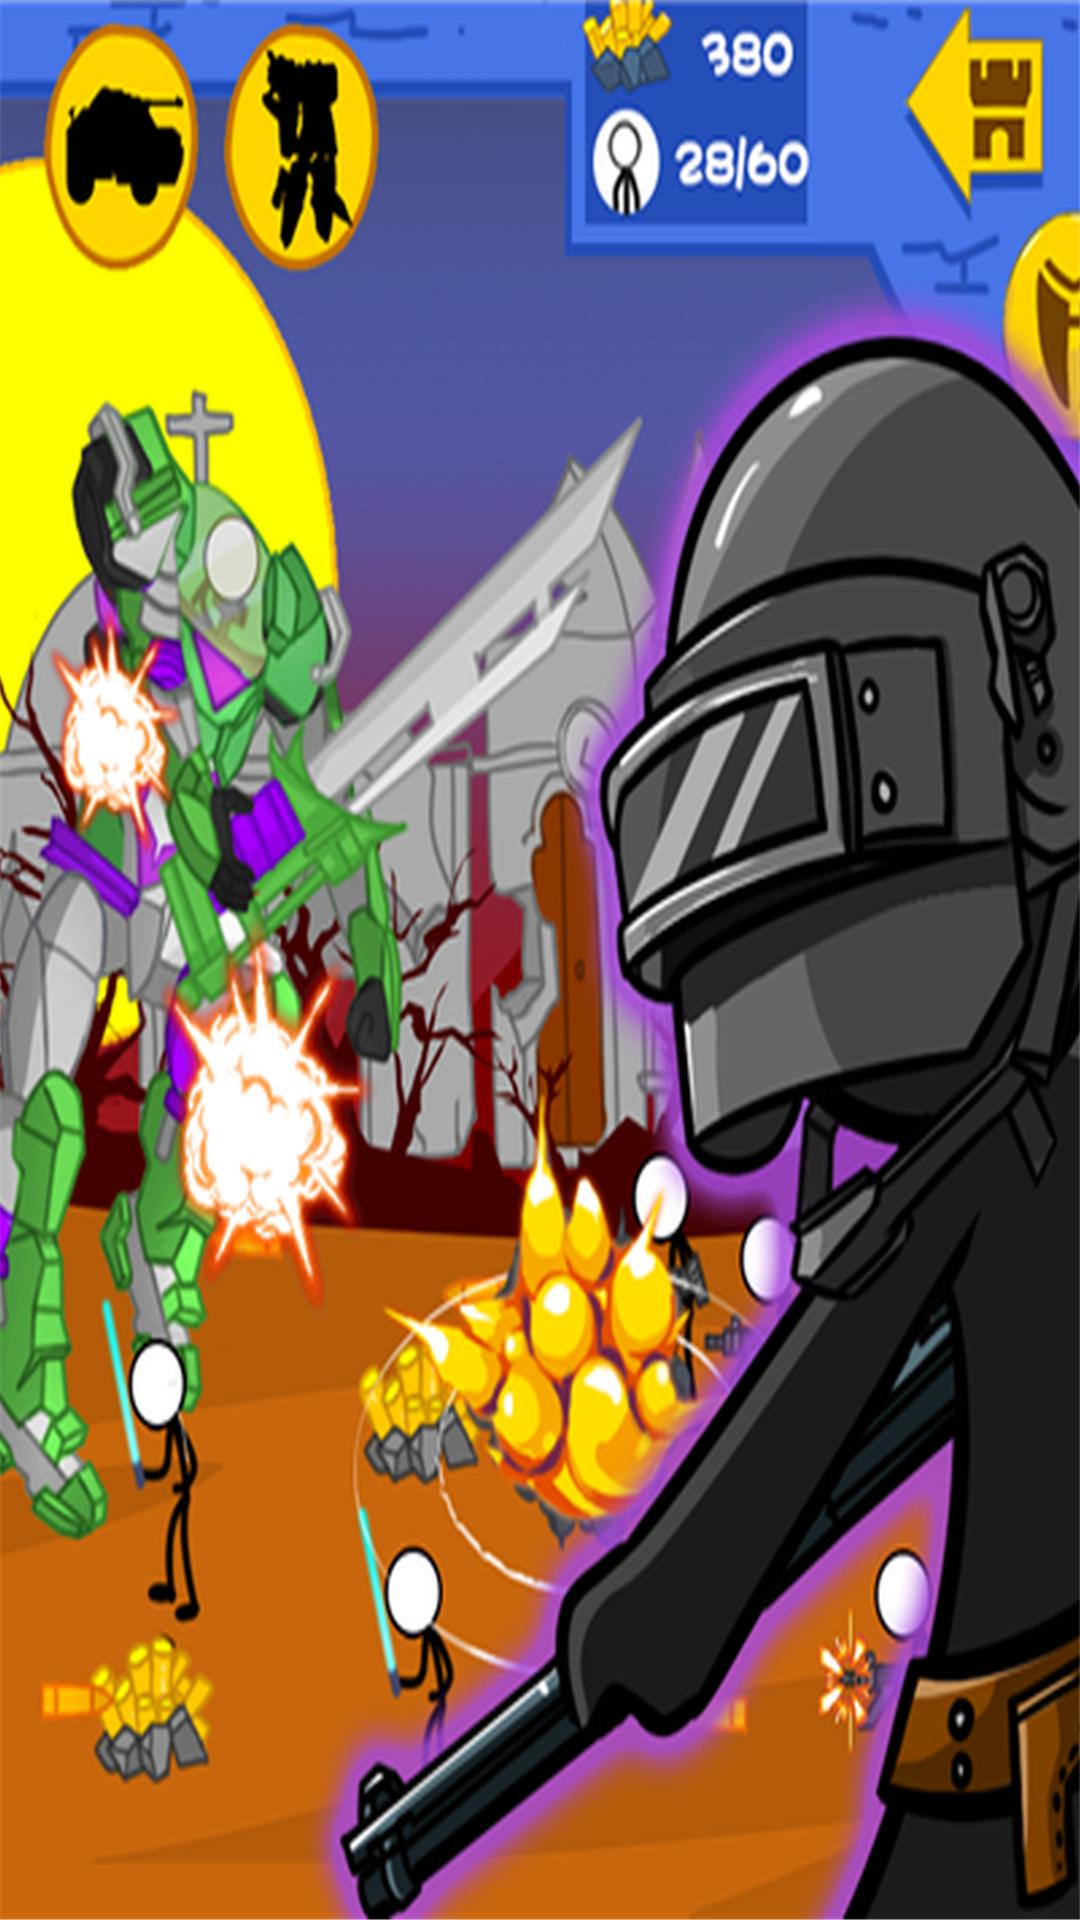 火柴人现代战争1.0.0免费版下载 火柴人现代战争破解版下载地址